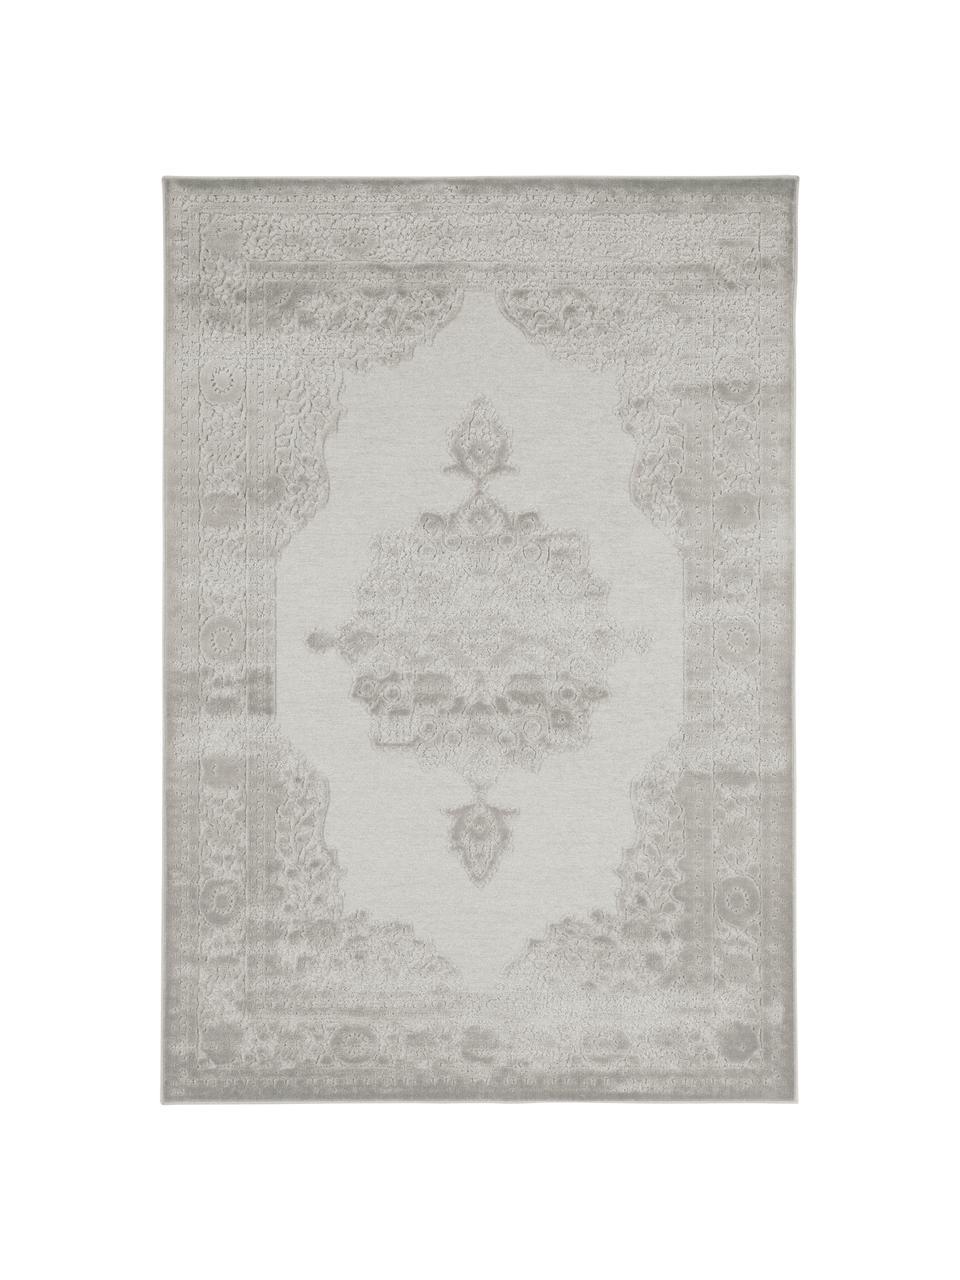 Viscose vloerkleed Willow met verhoogd vintage patroon, glanzend, Bovenzijde: 100% viscose, Onderzijde: latex, Lichtgrijs, B 200 x L 300 cm (maat L)